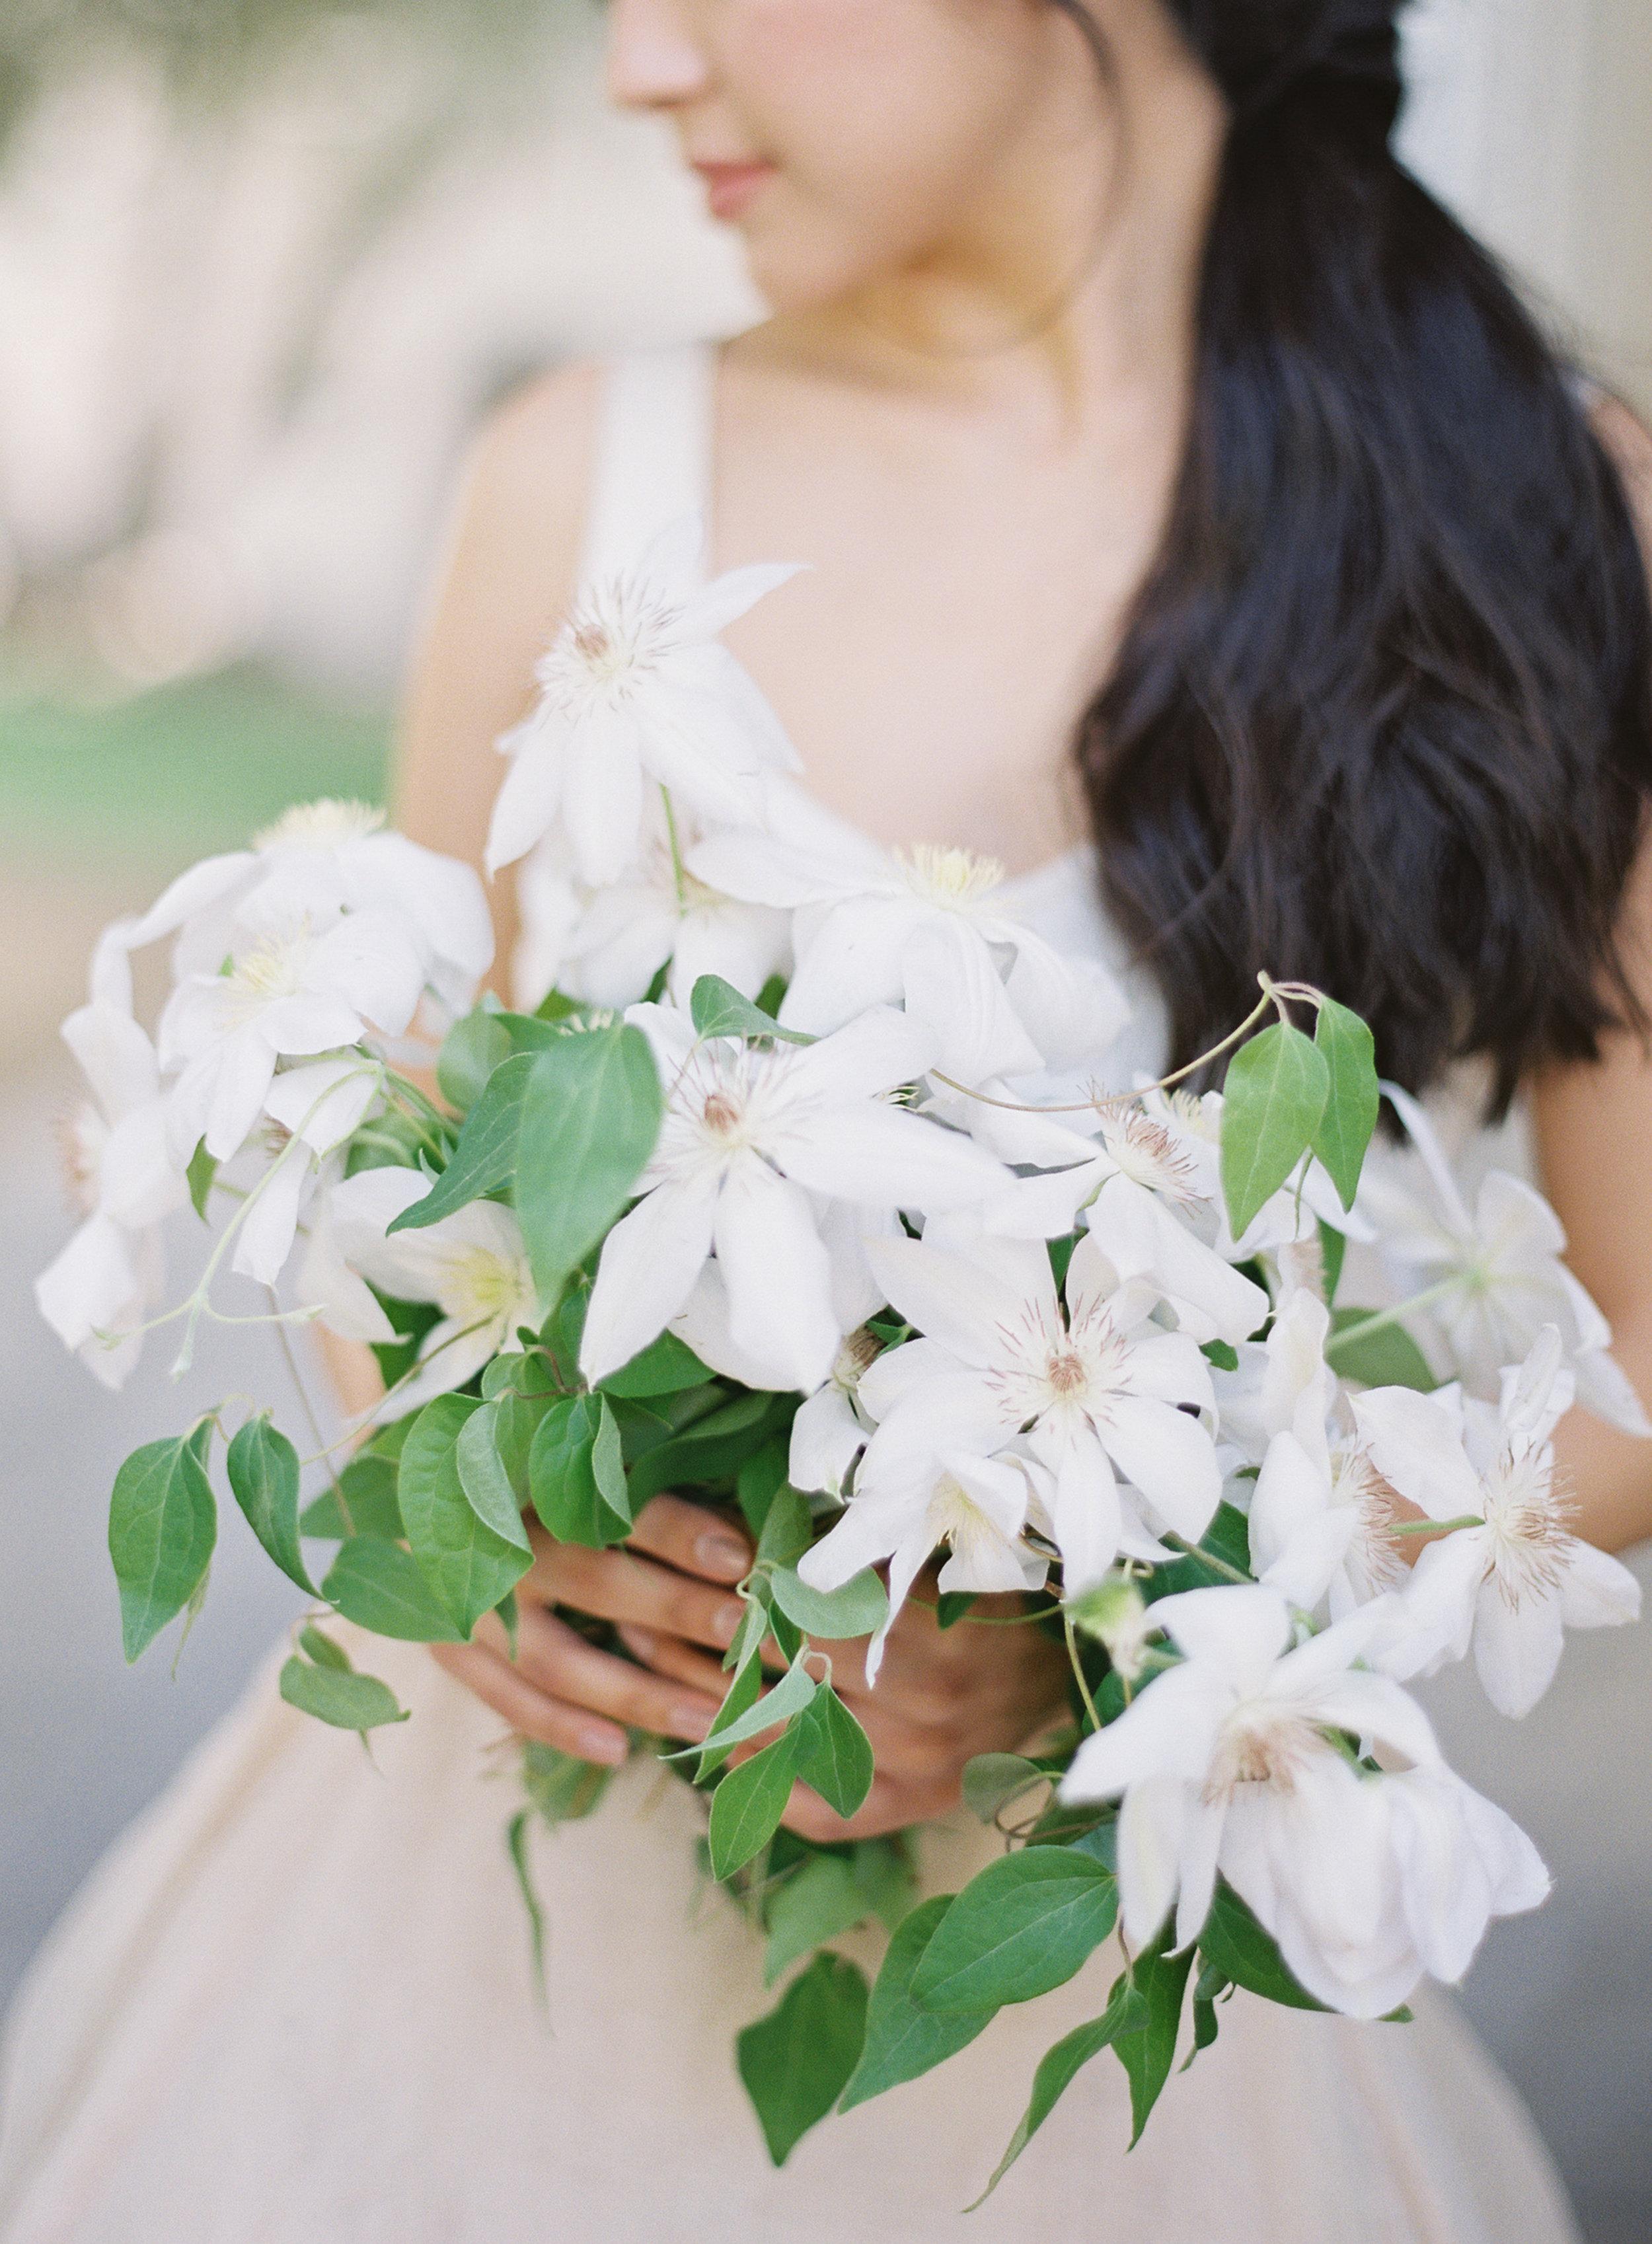 California Wedding Inspiration Fine Art Flowers Modern Romantic Finding Flora florist Sara Weir Bridal Bouquet